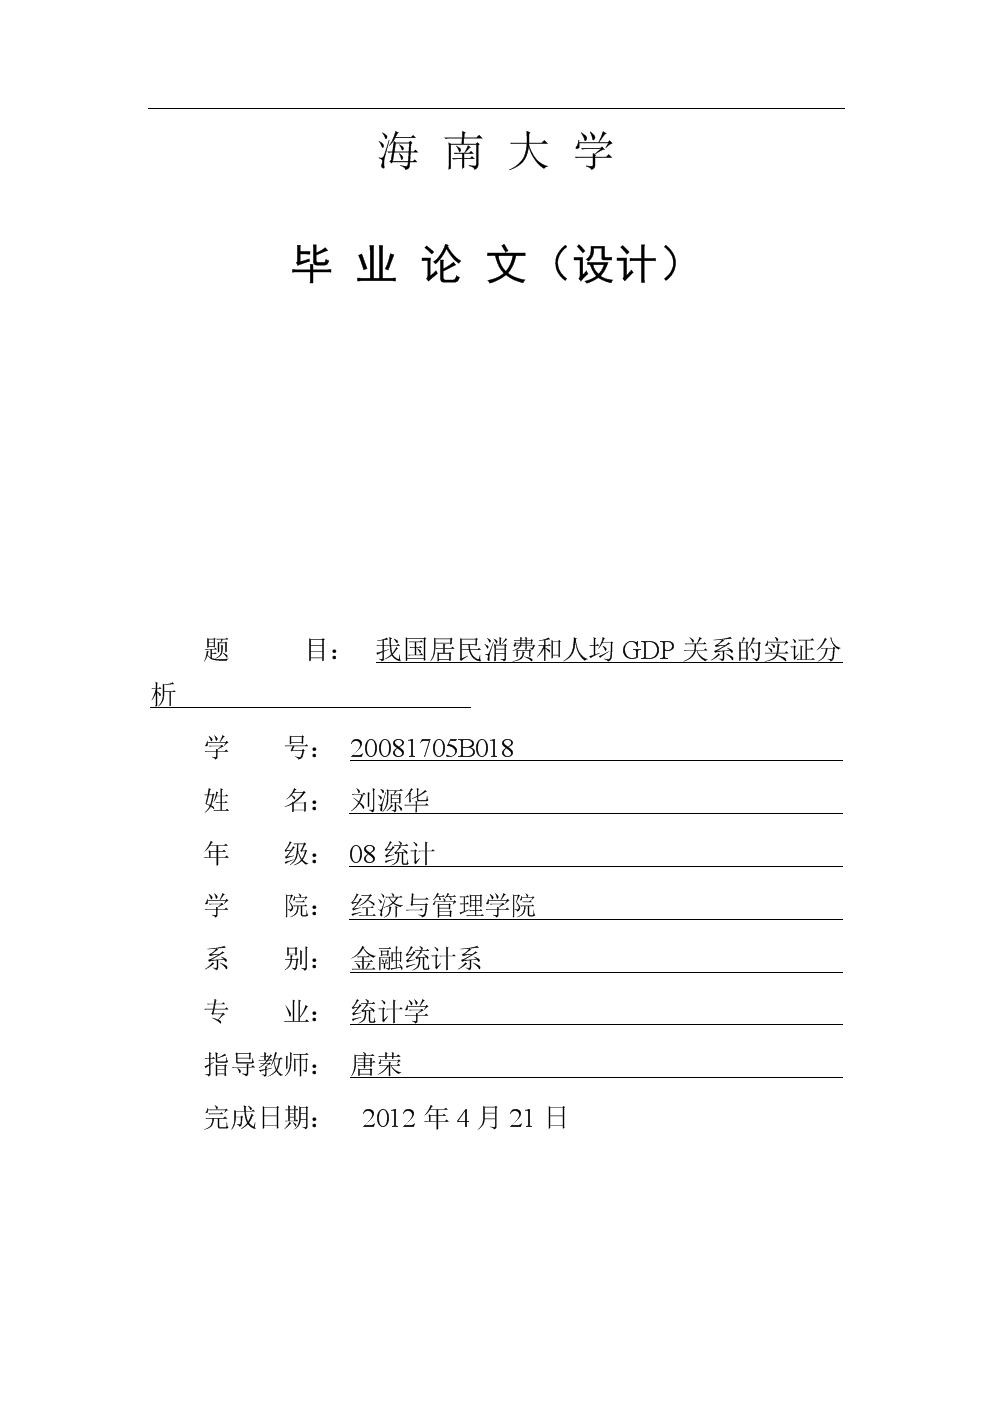 中国与世界gdp增速图_人均gdp与消费关系